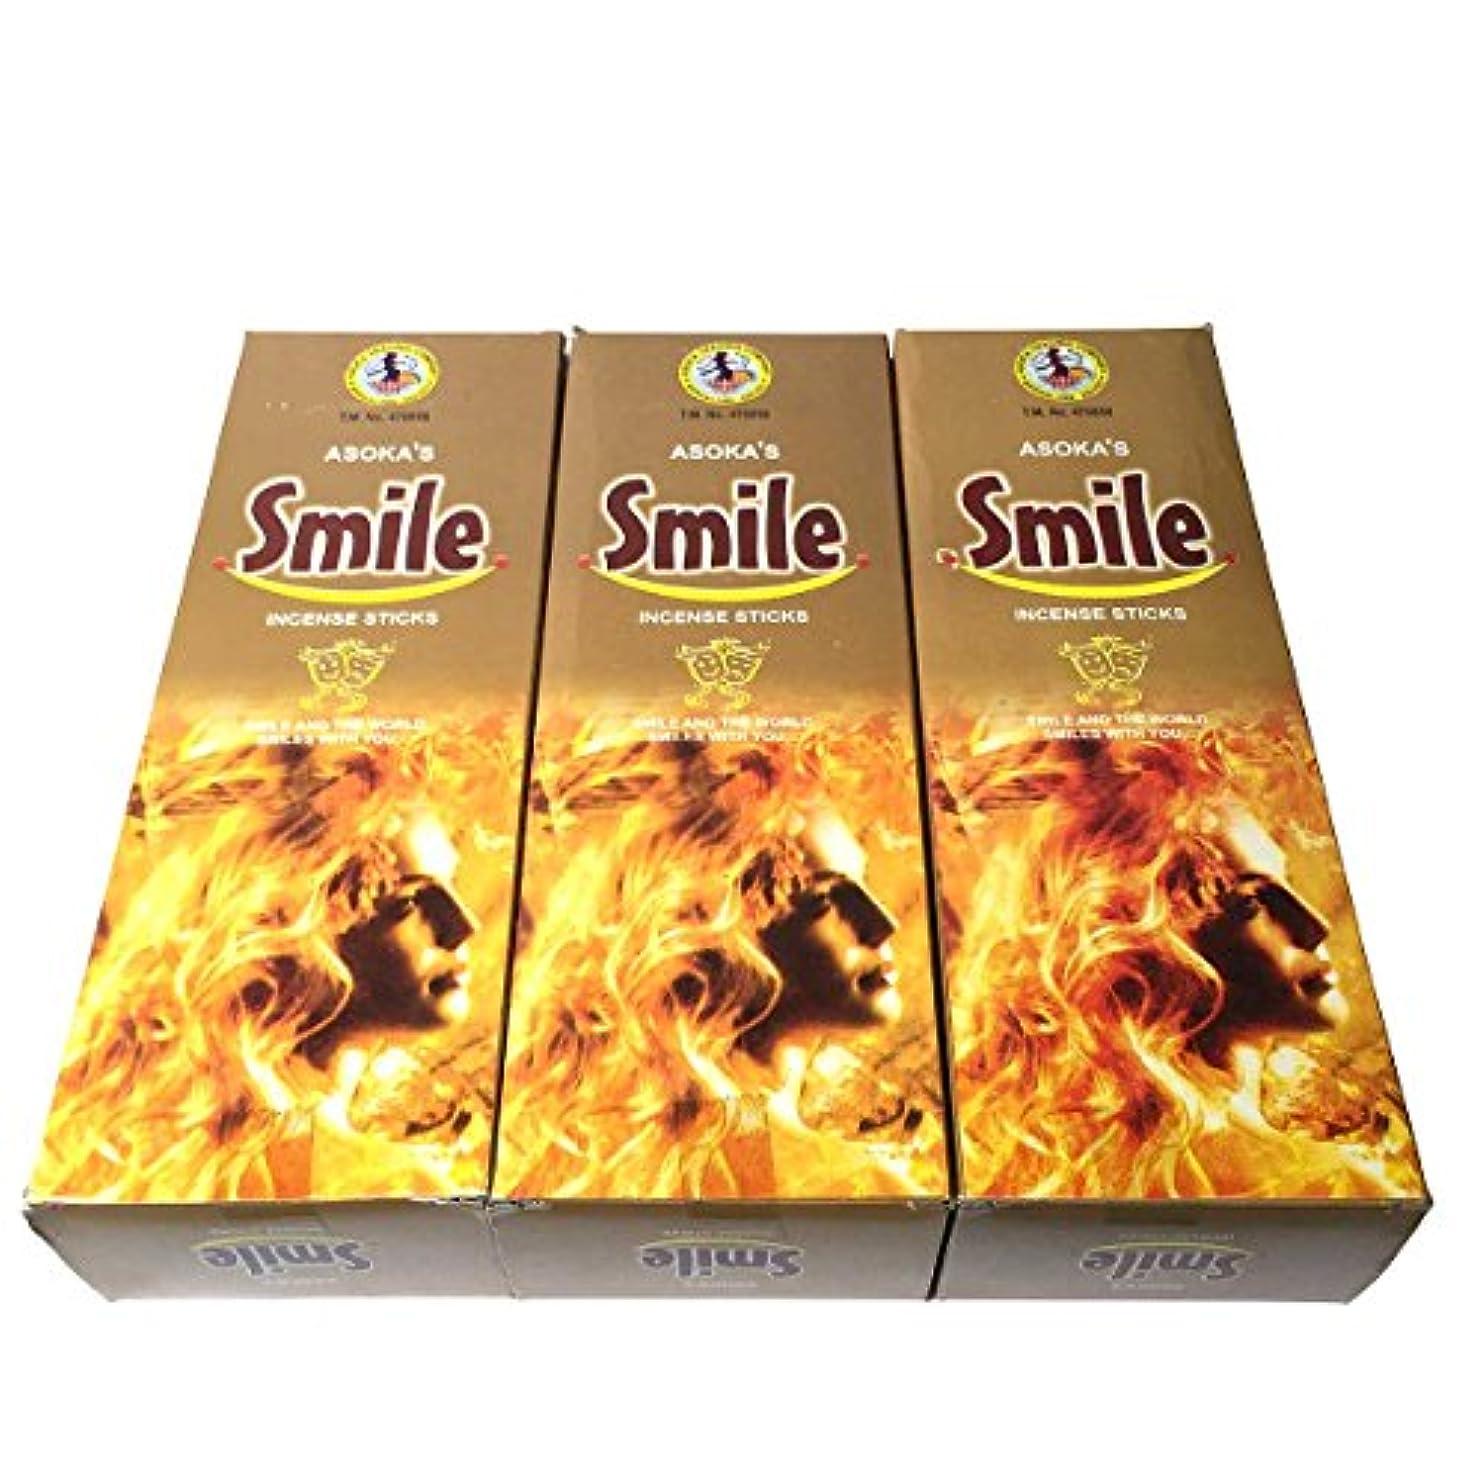 不誠実存在する捨てるスマイル香スティック 3BOX(18箱) /ASOKA TRADING SMILE/インセンス/インド香 お香 [並行輸入品]